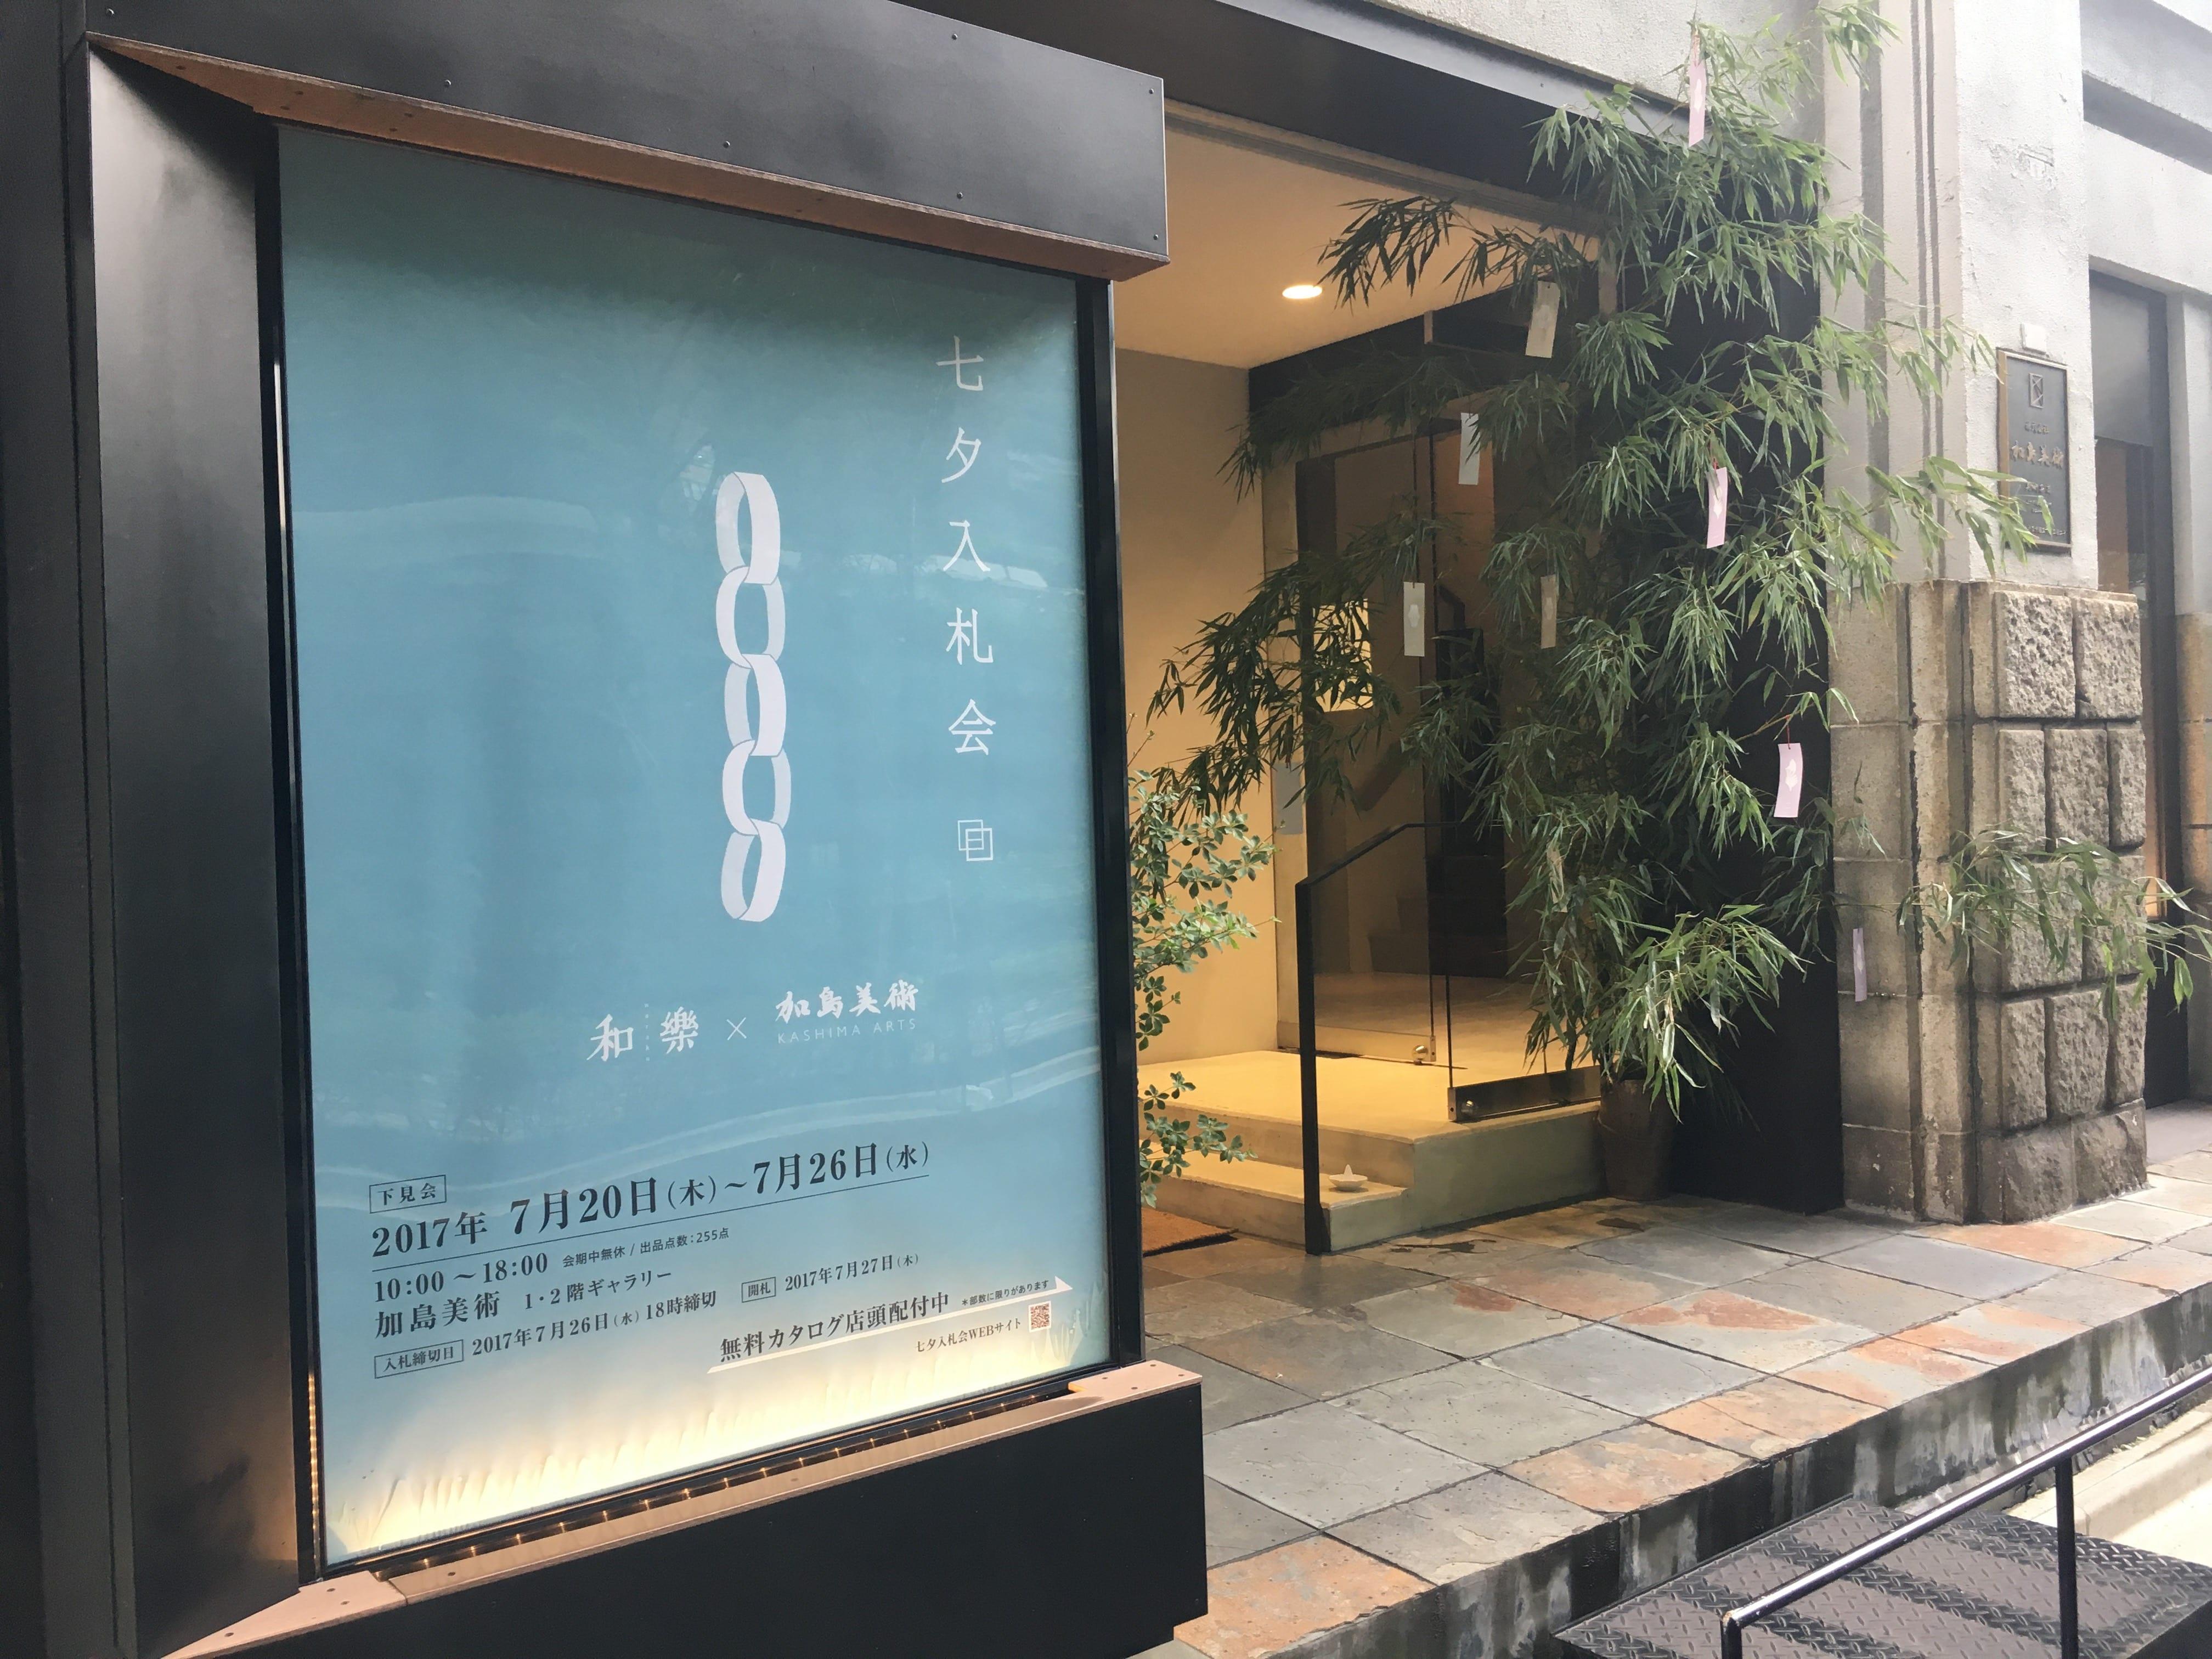 日本美術が買える!七夕入札会がいよいよスタート